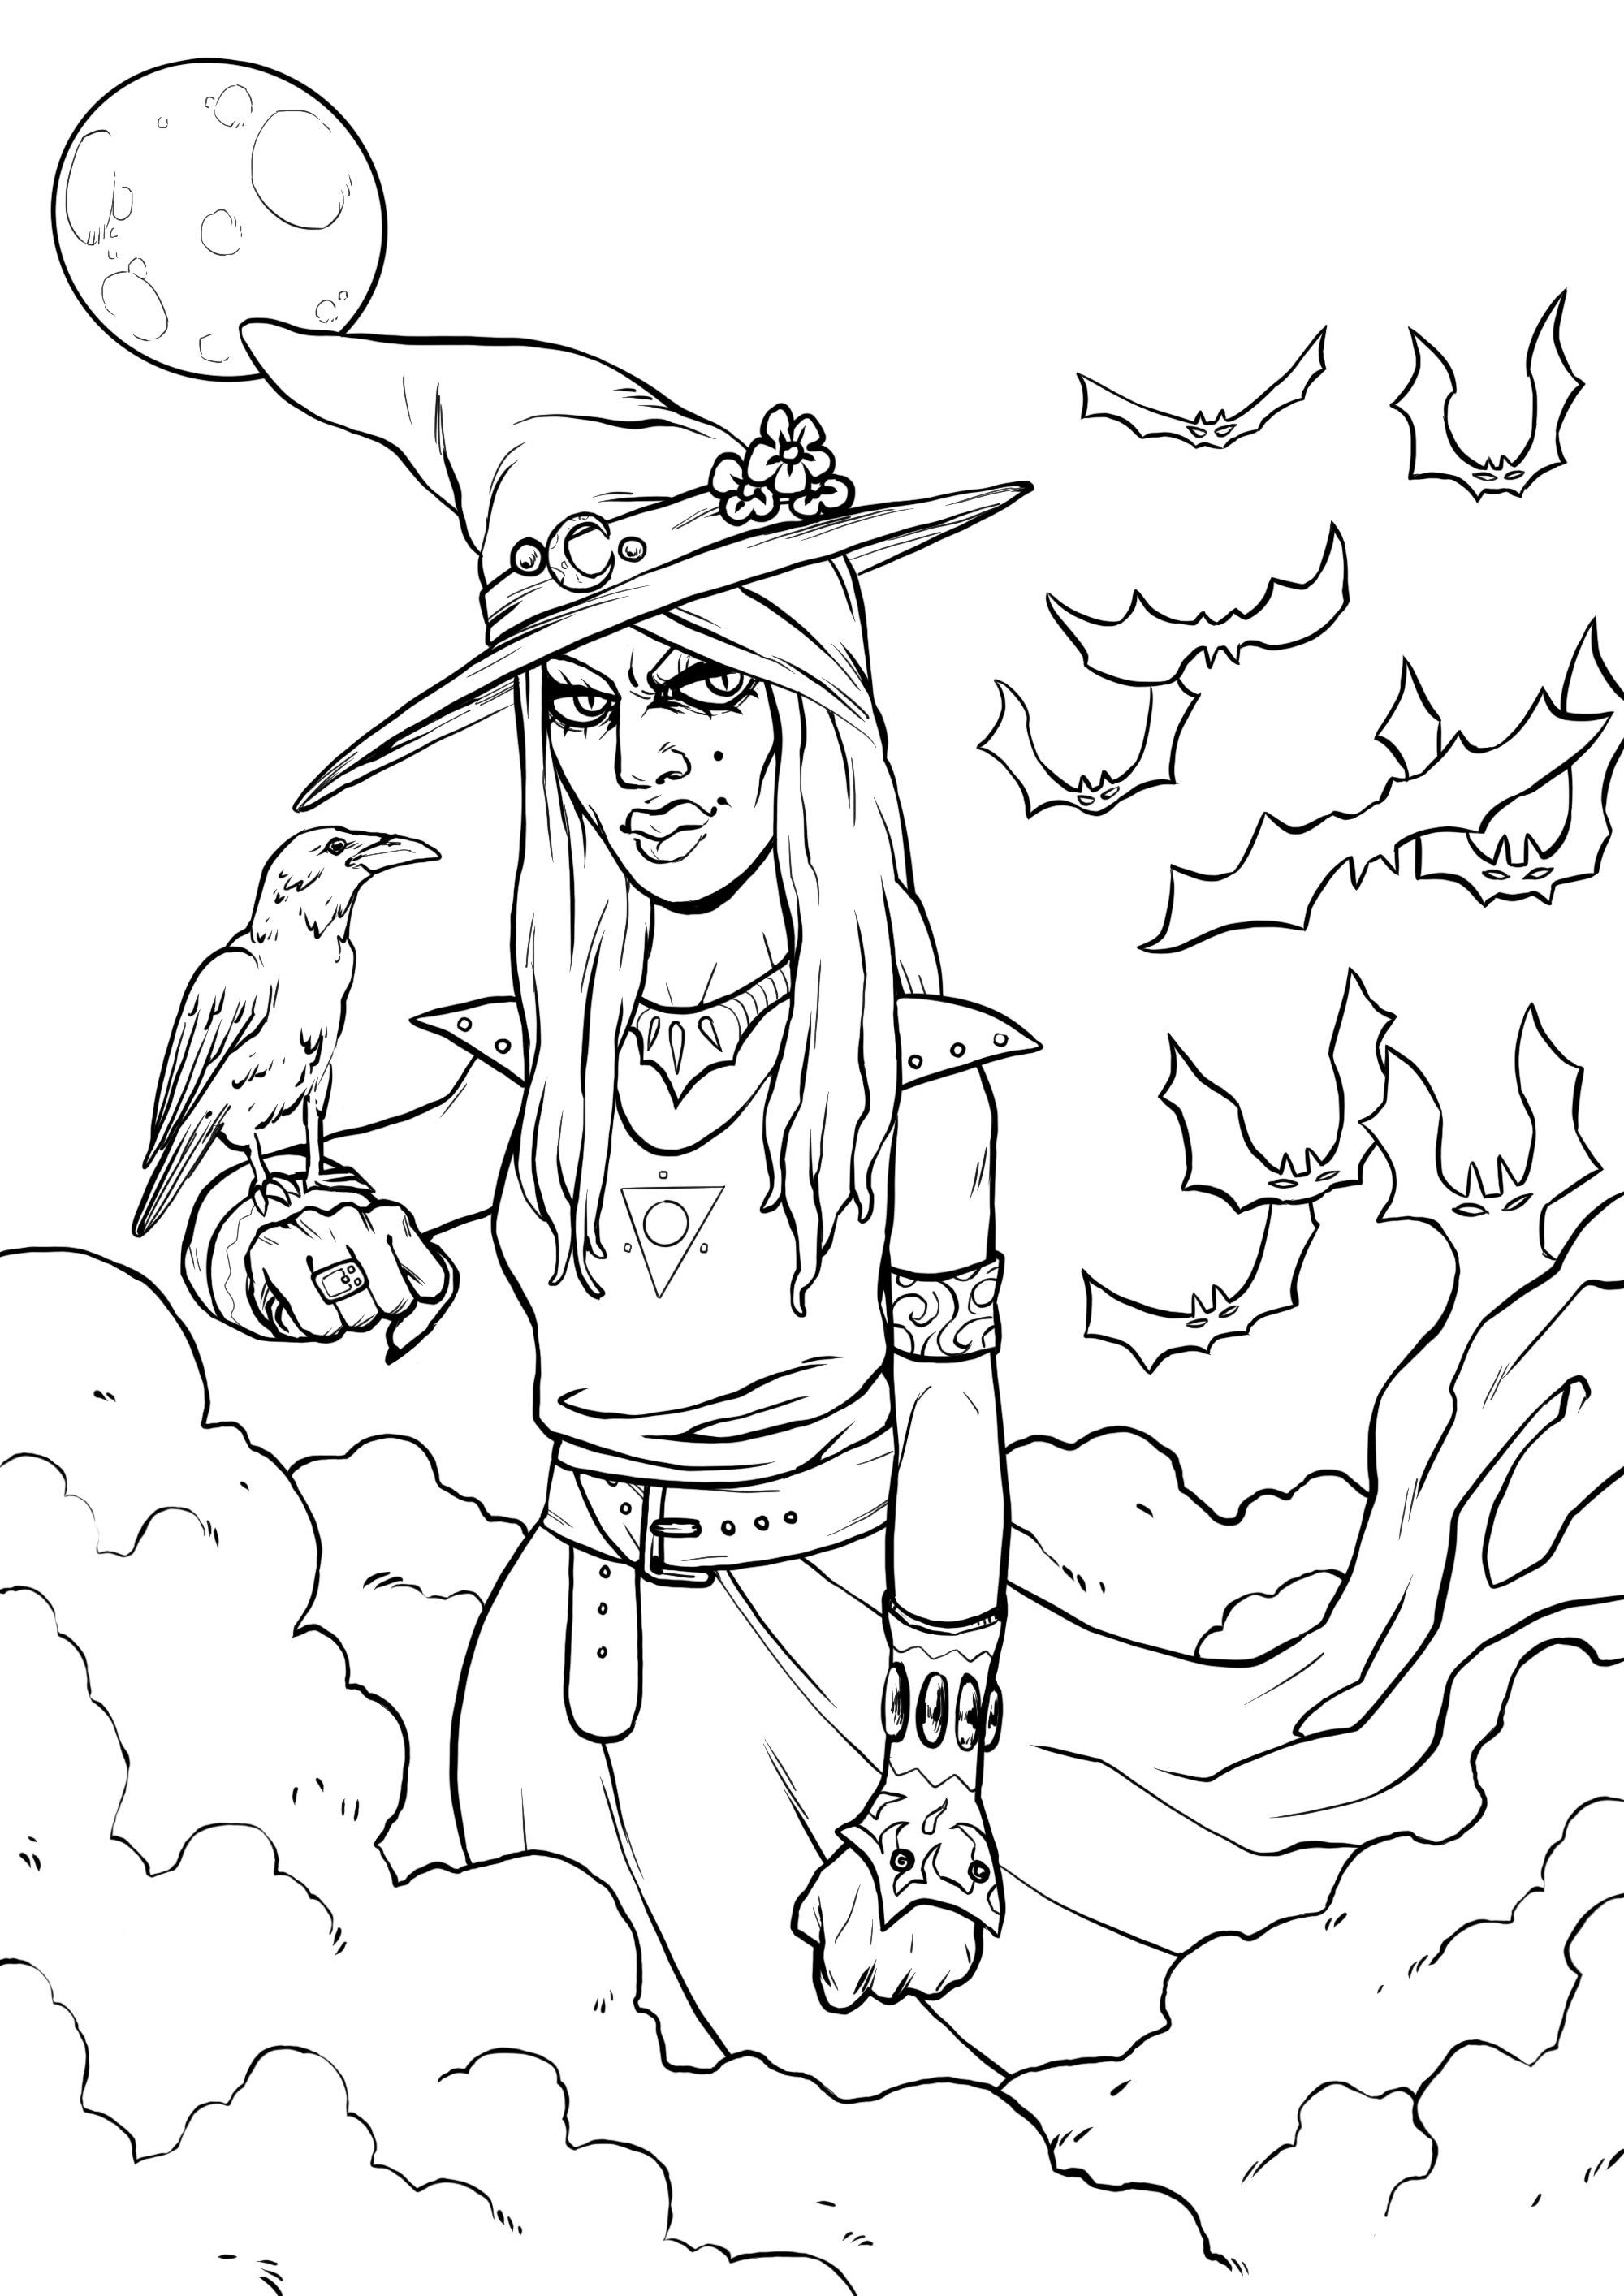 Une sorcière ensorcelante et son corbeau, dans un paysage menaçant, avec des chauves souris terrifiantes